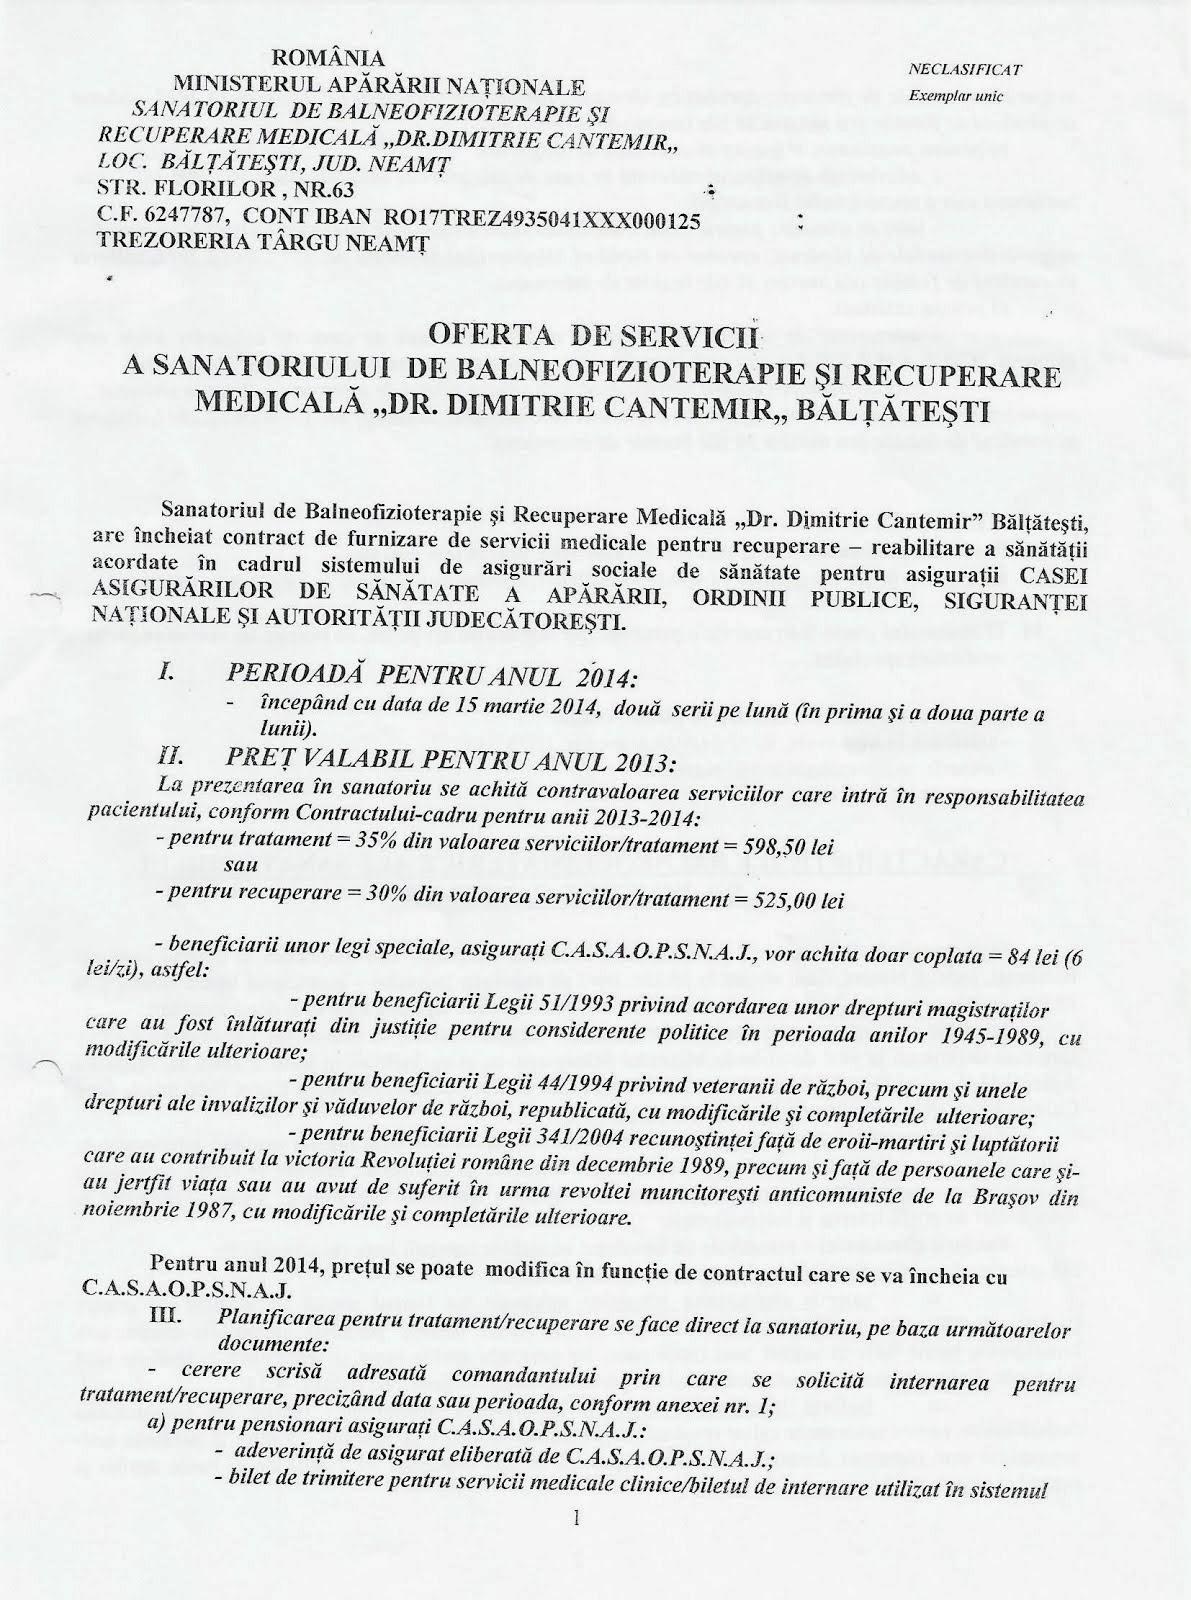 SANATORIU BALTATESTI-OFERTA DE SERVICII PENTRU MEMBRI FILIALEI(click pe poza!)